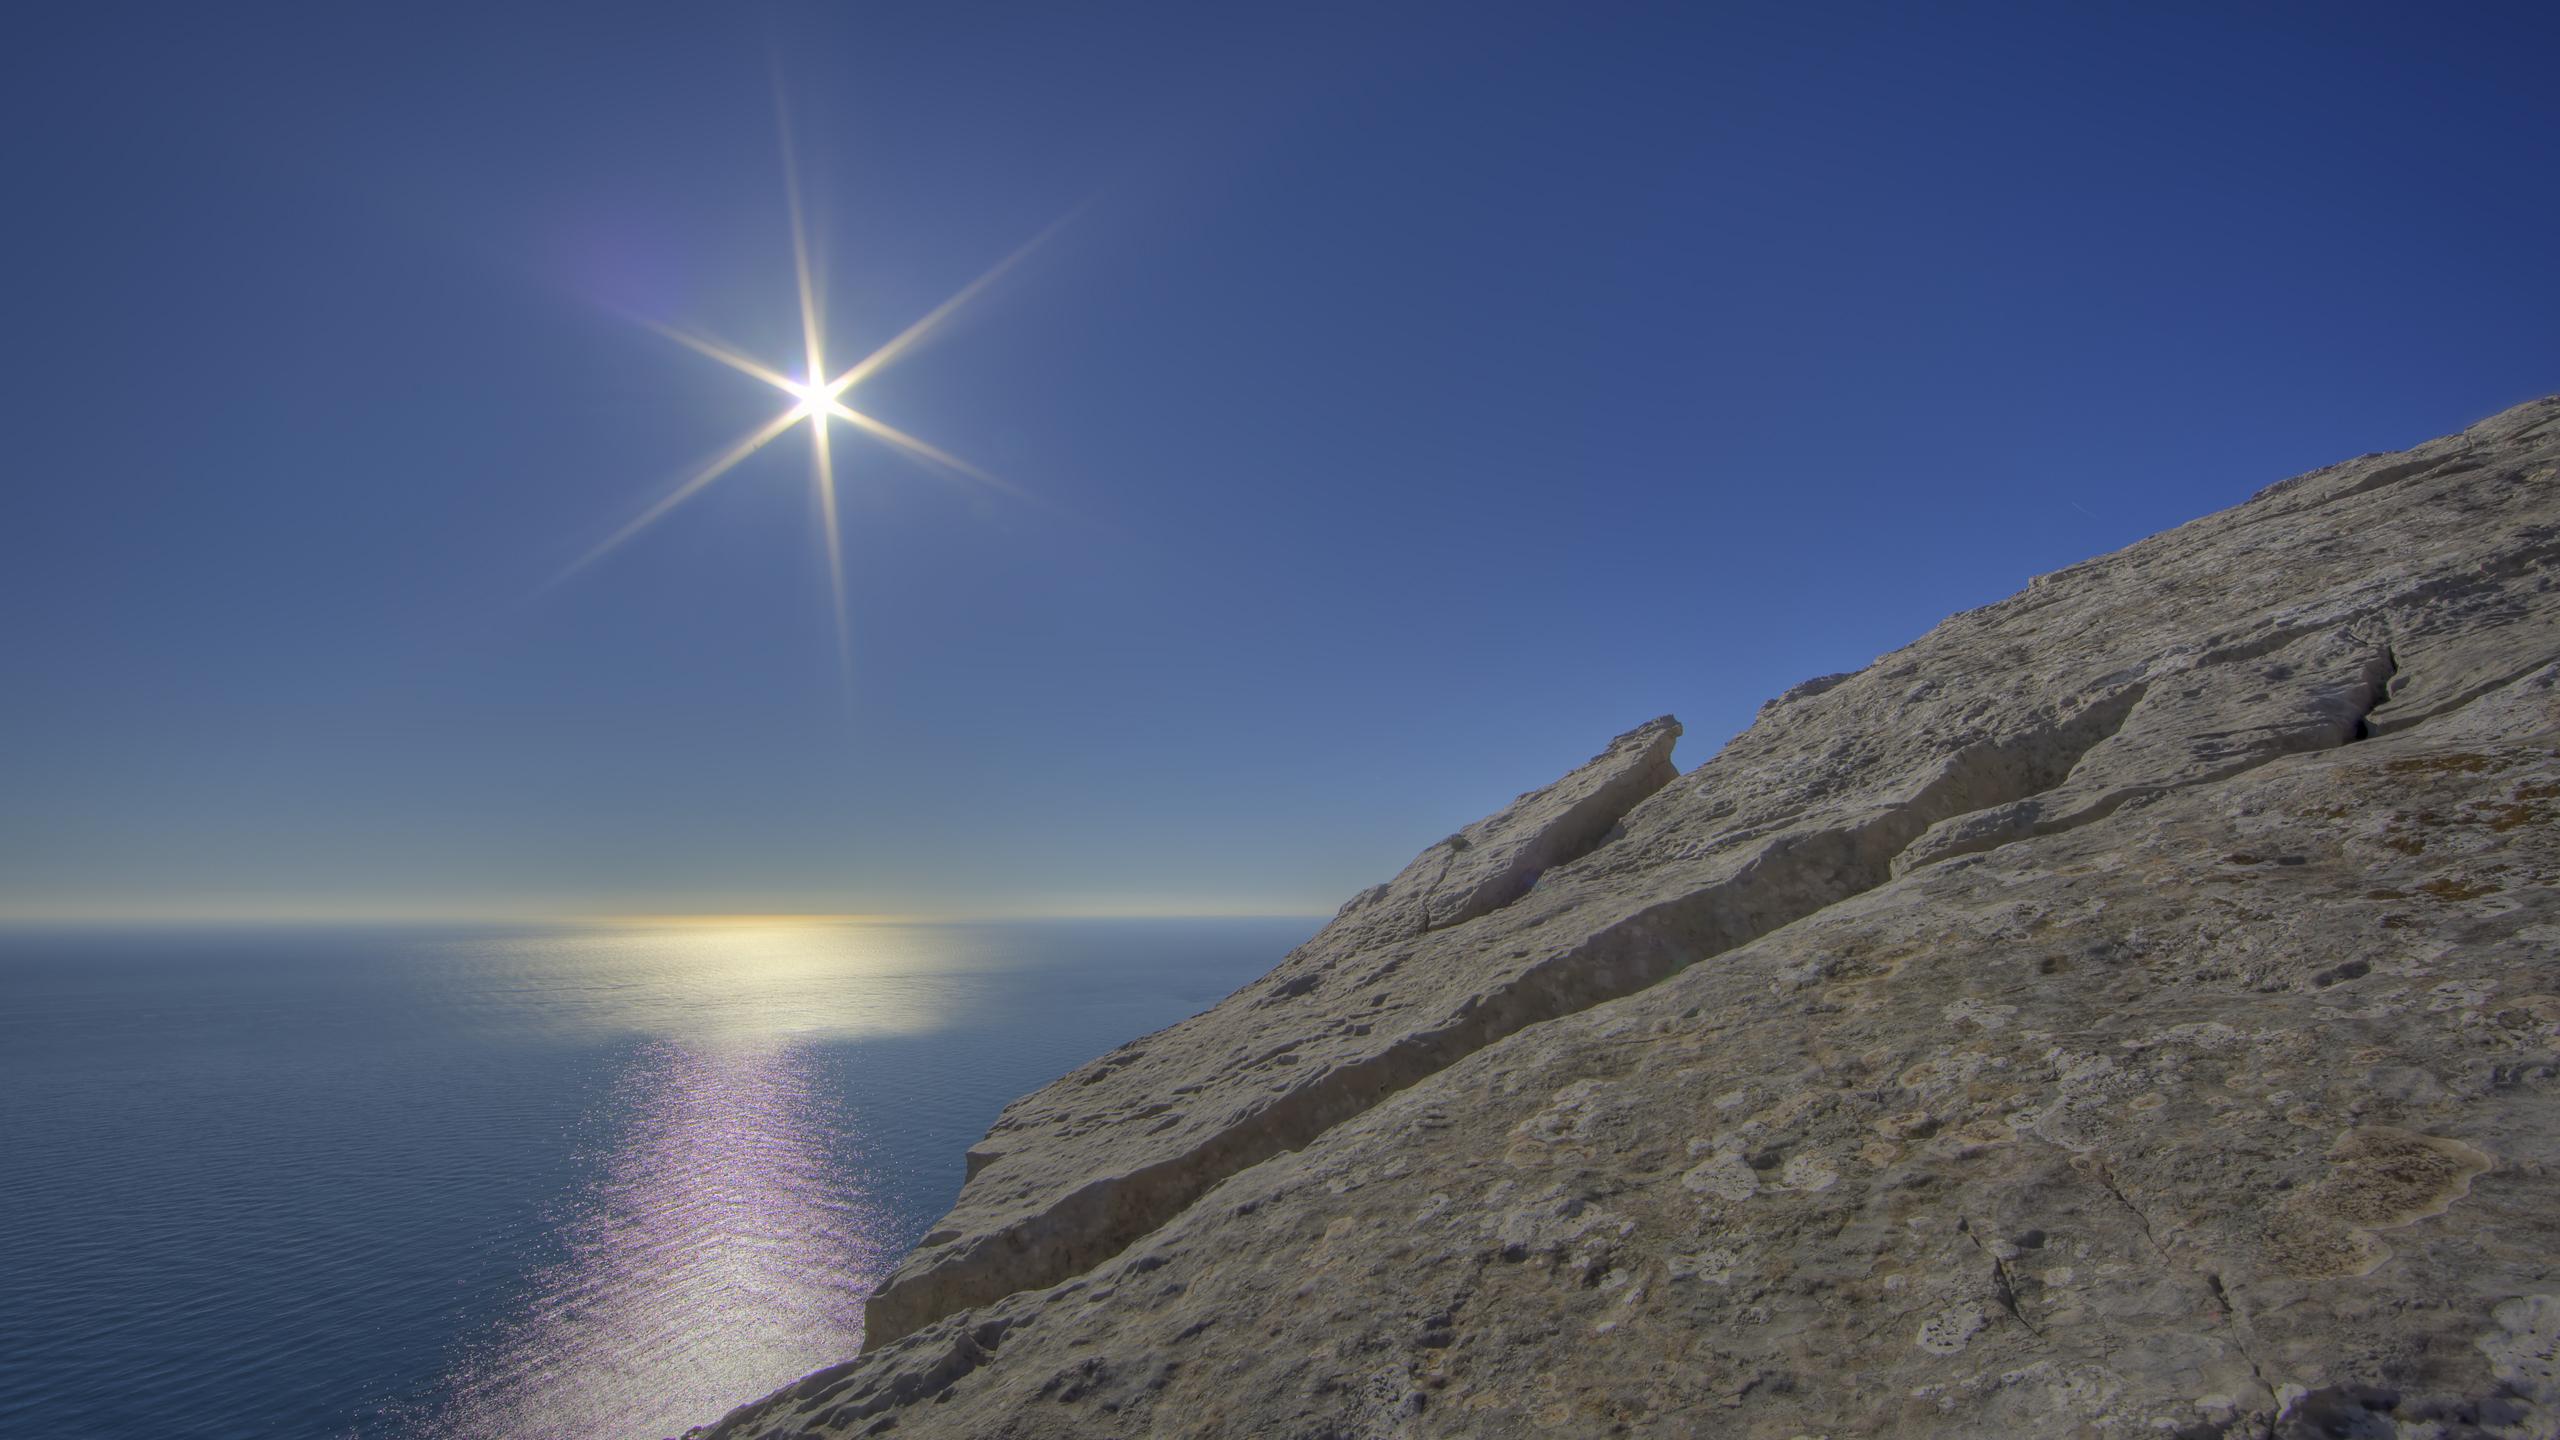 Earth - Ocean  Star Rock Landscape Wallpaper